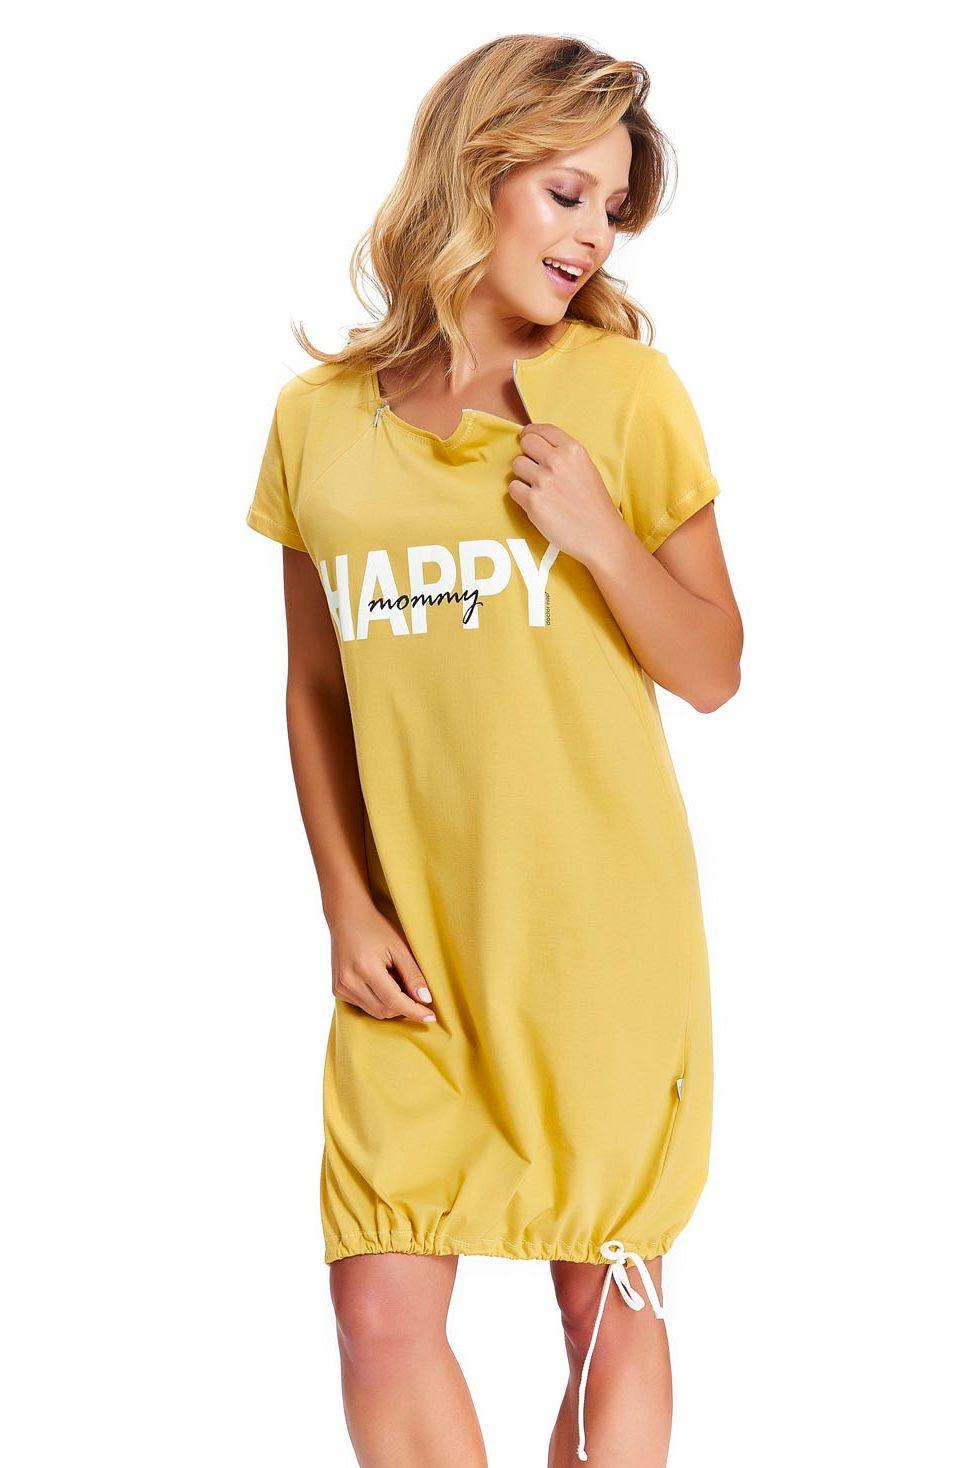 45060ebc97af Materská nočná košeľa Happy mommy žltá - ELEGANT.sk